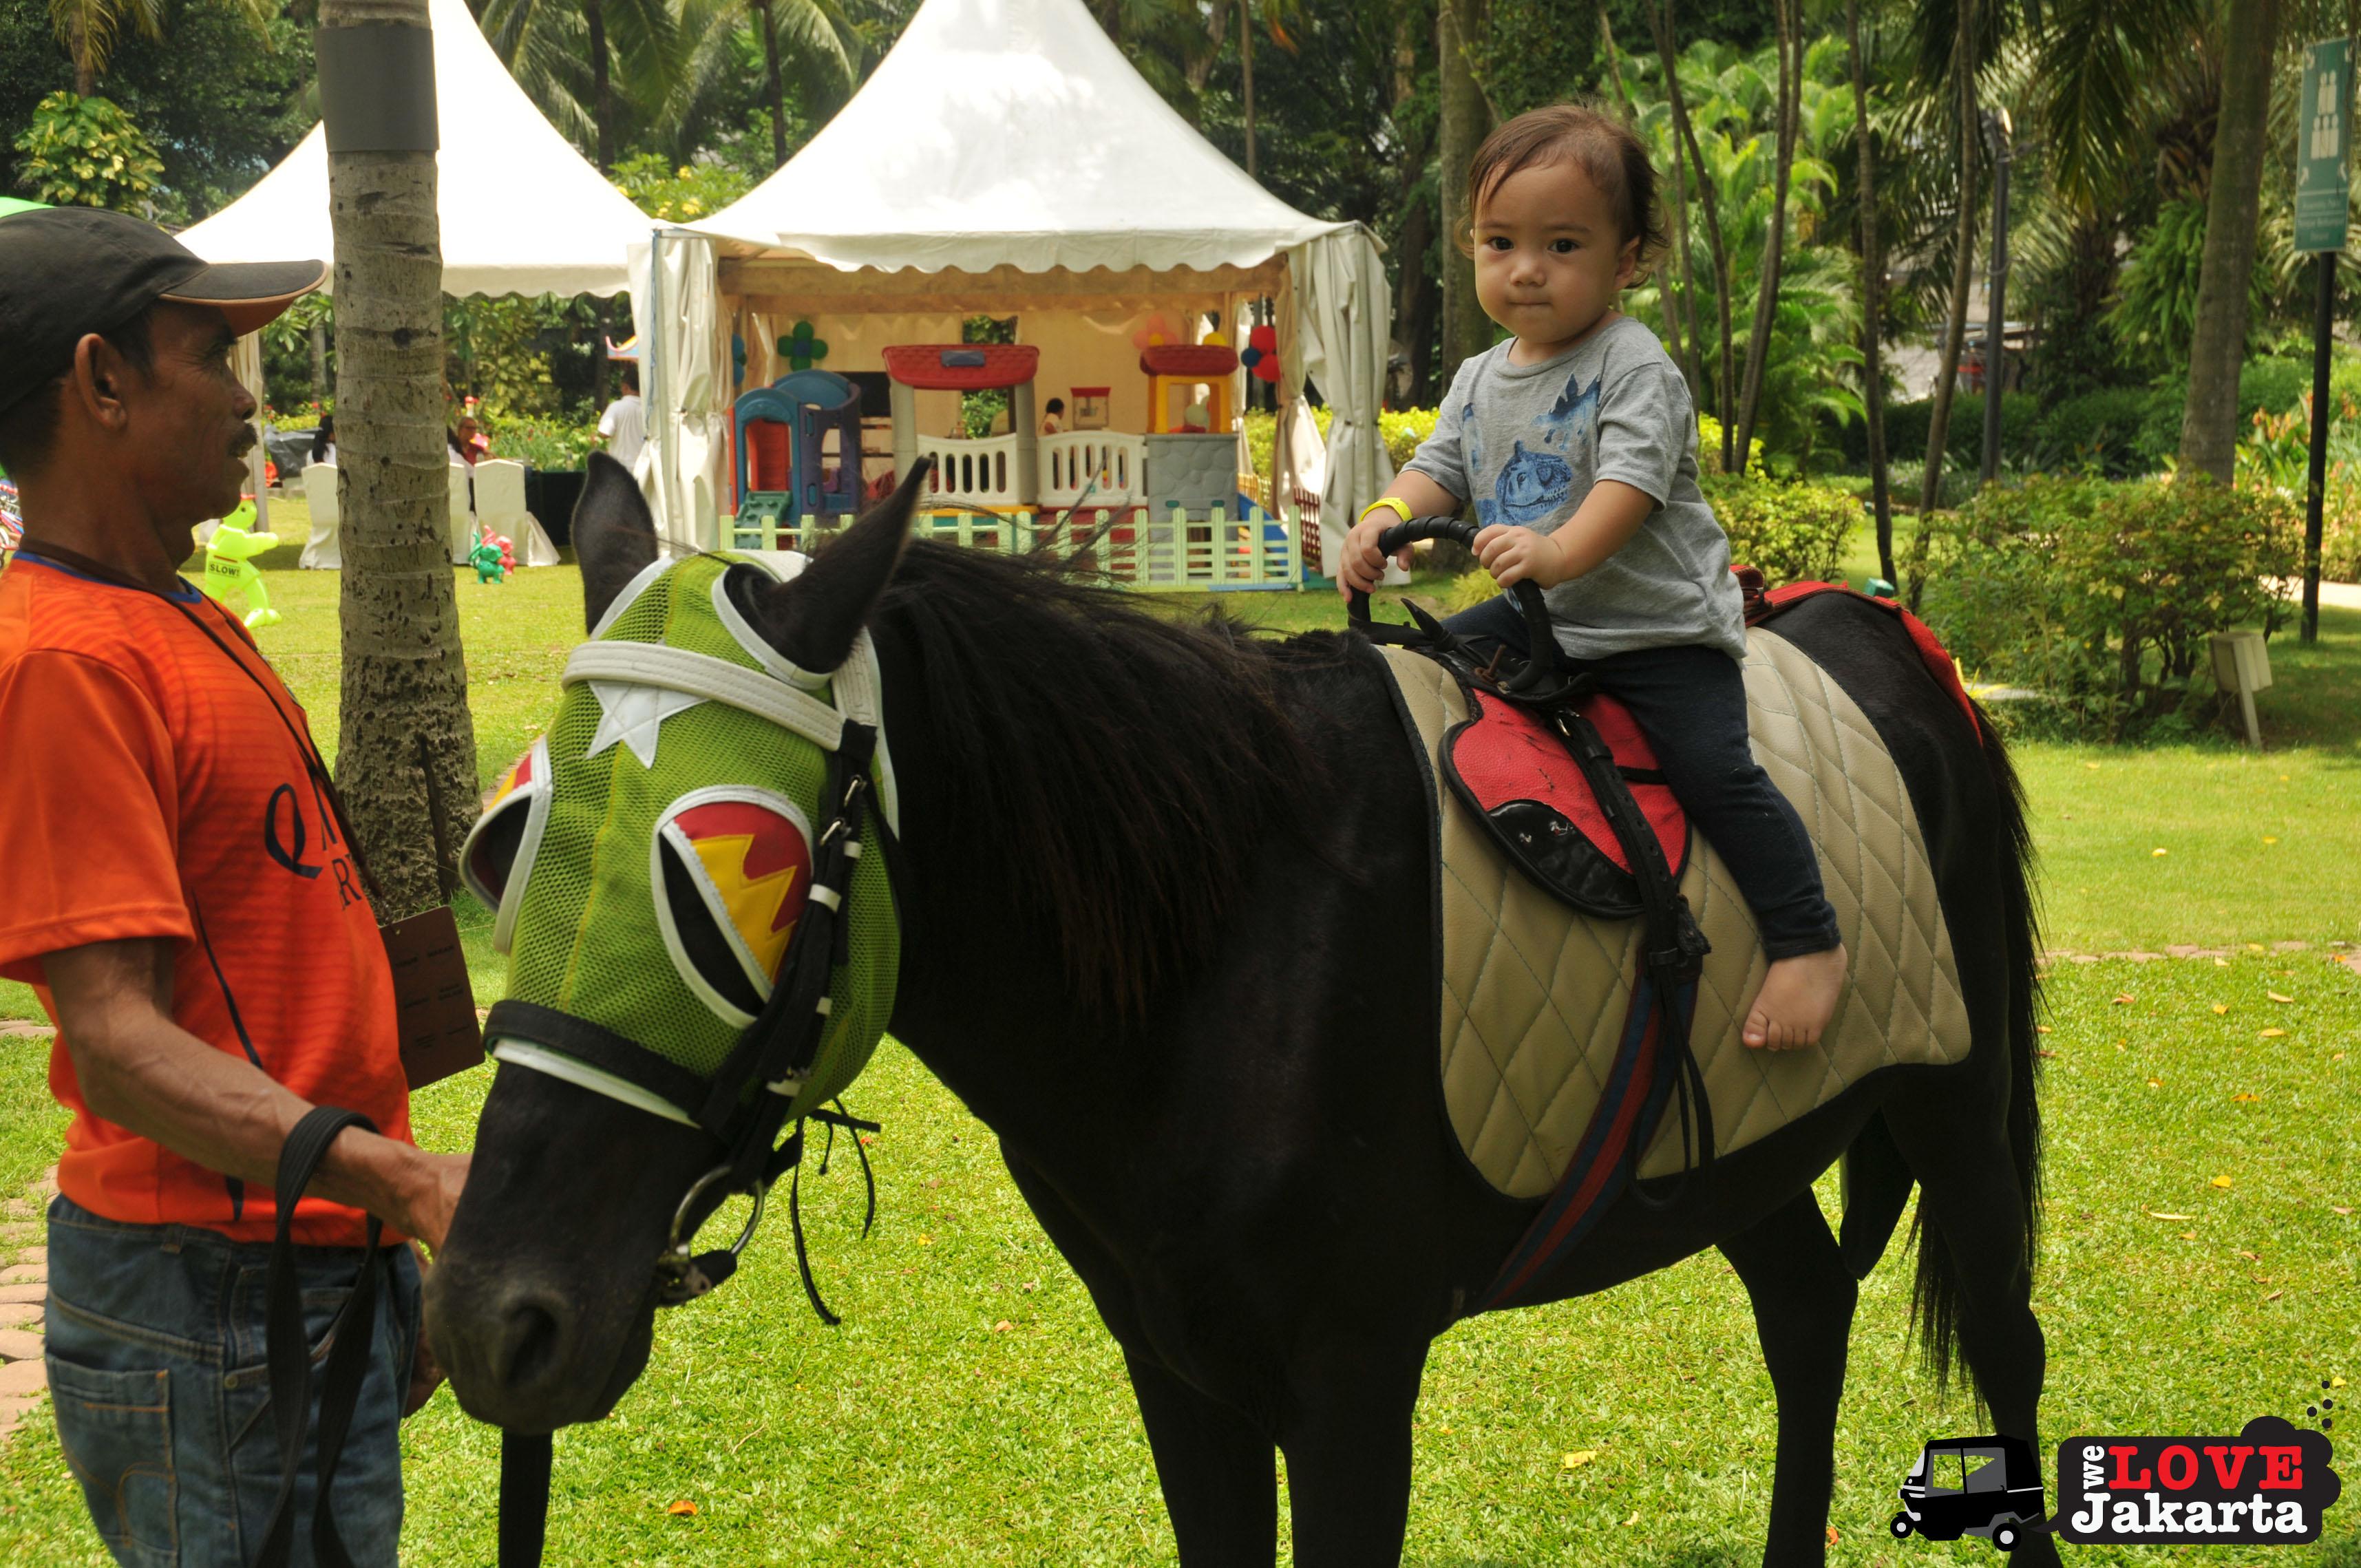 tasha may_welovejakarta_we love jakarta_Shangri-La Hotel Jakarta_Jakarta Kids Club_kids in Jakarta_Playdates Jakarta_Pony Rides Jakarta_Horse rides Jakarta